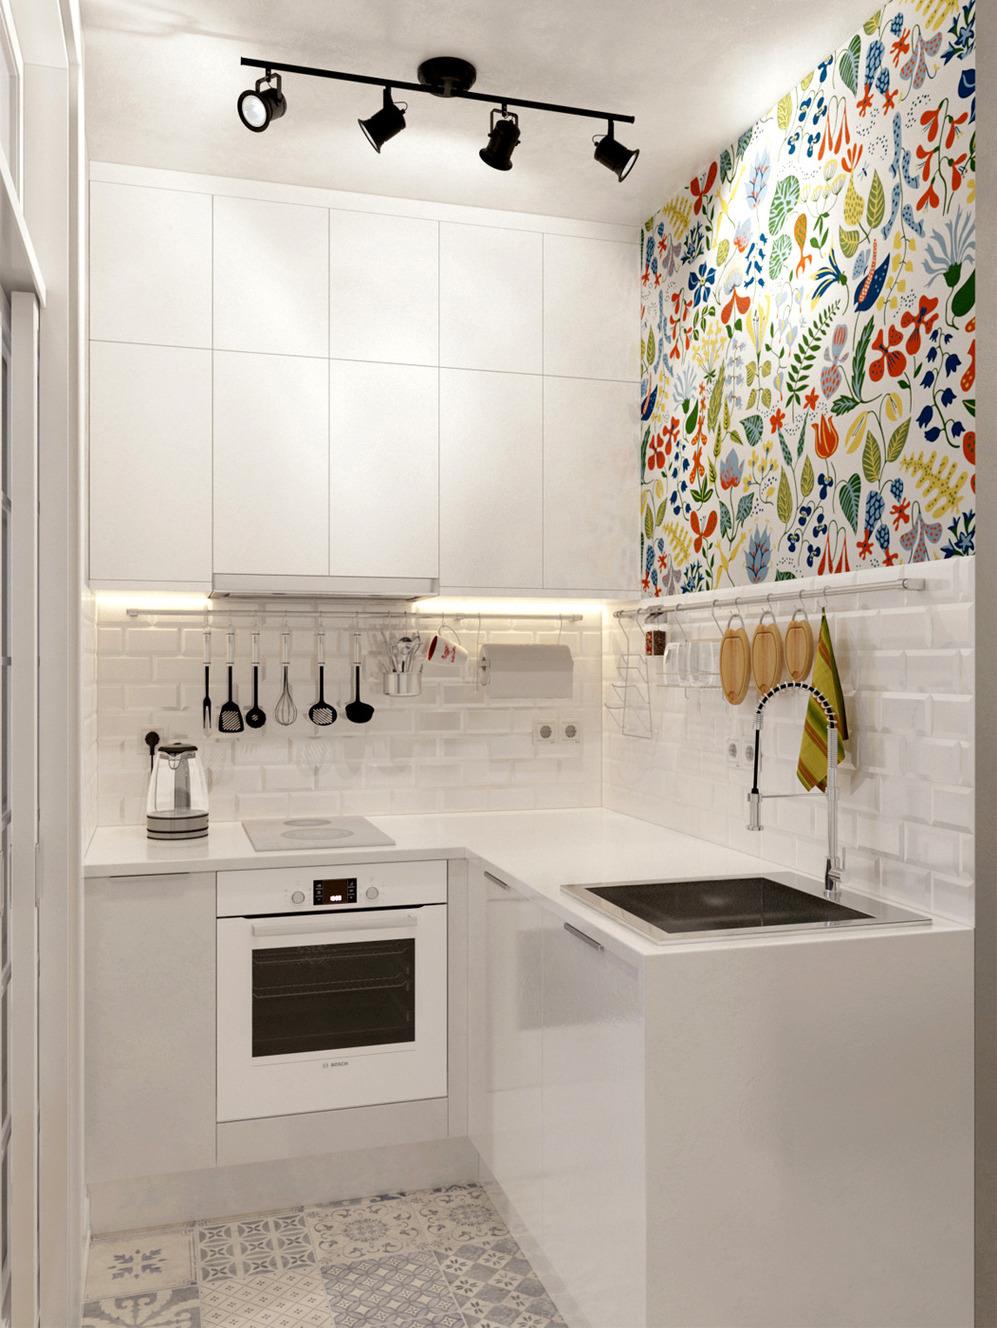 Организация кухни в квартире-студии